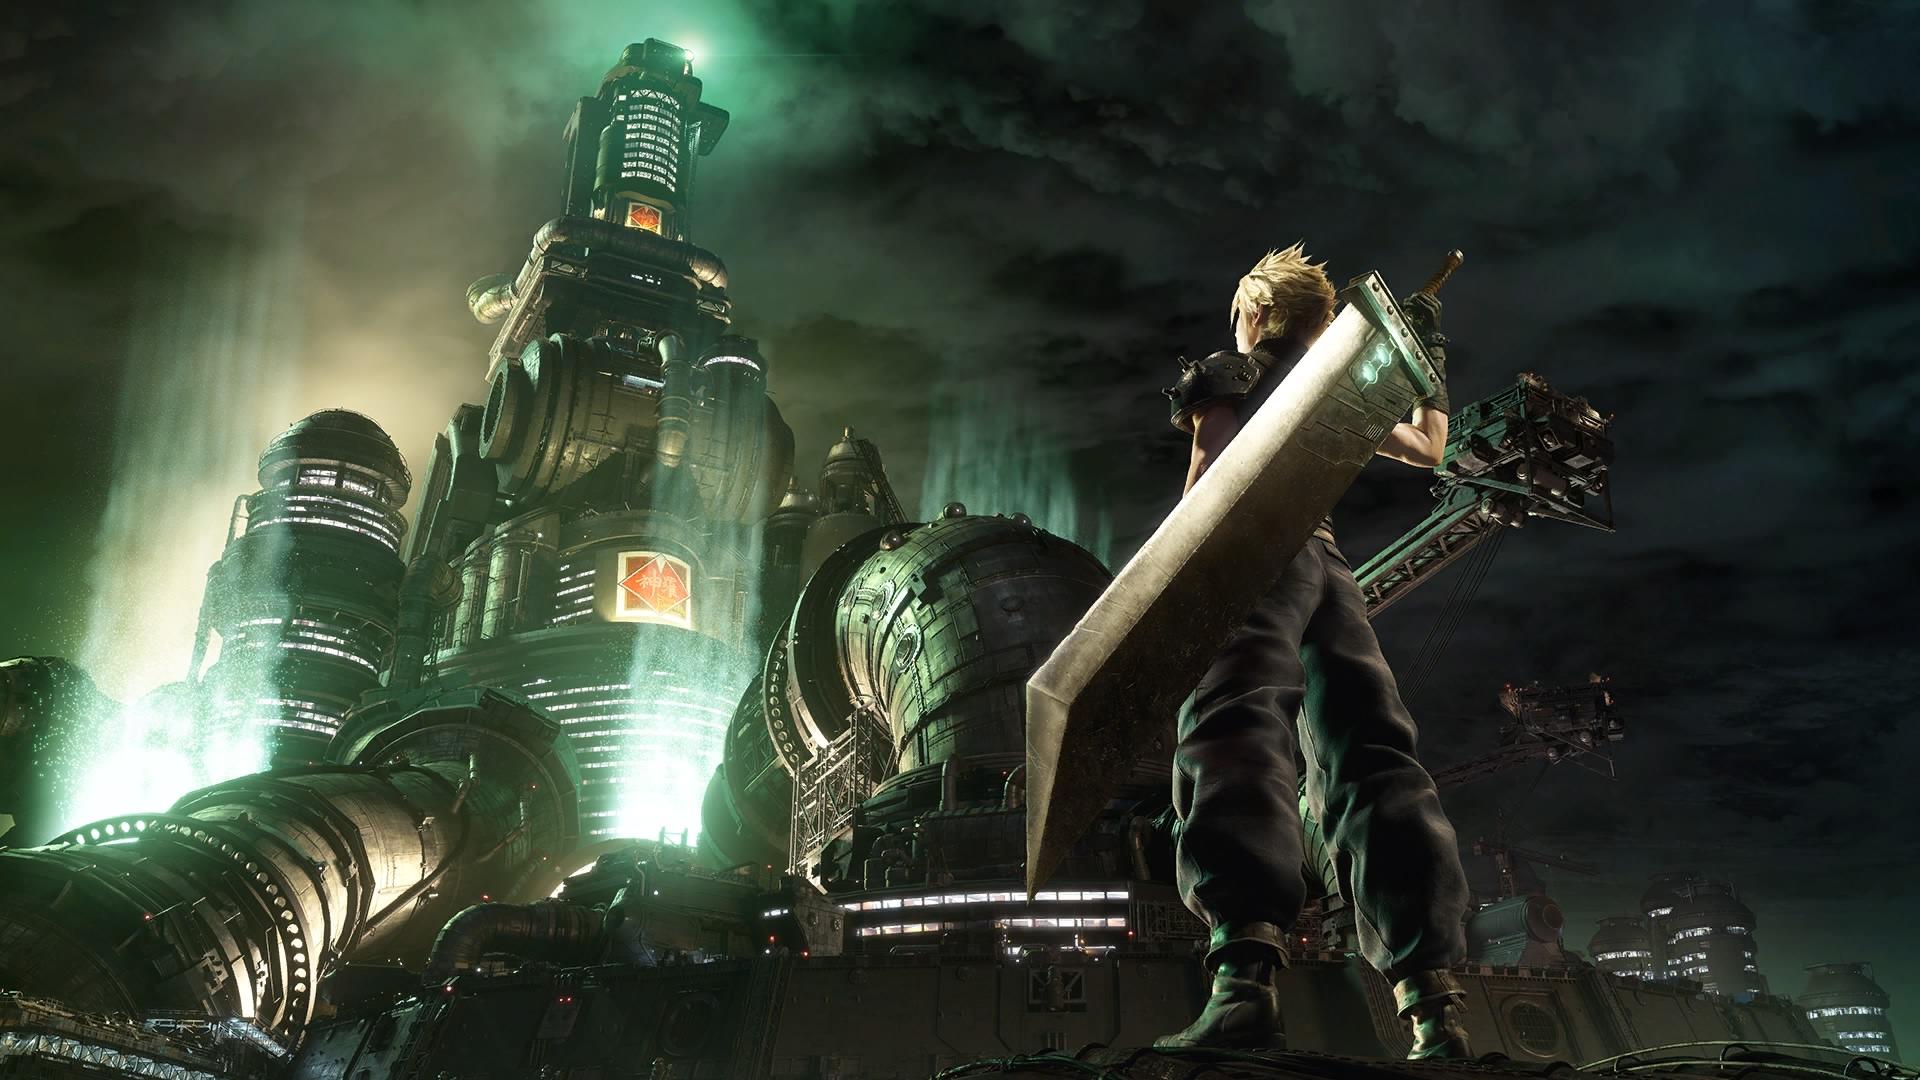 Recenzja gry Final Fantasy VII Remake - godne wyobrażenie legendy na nowo 21